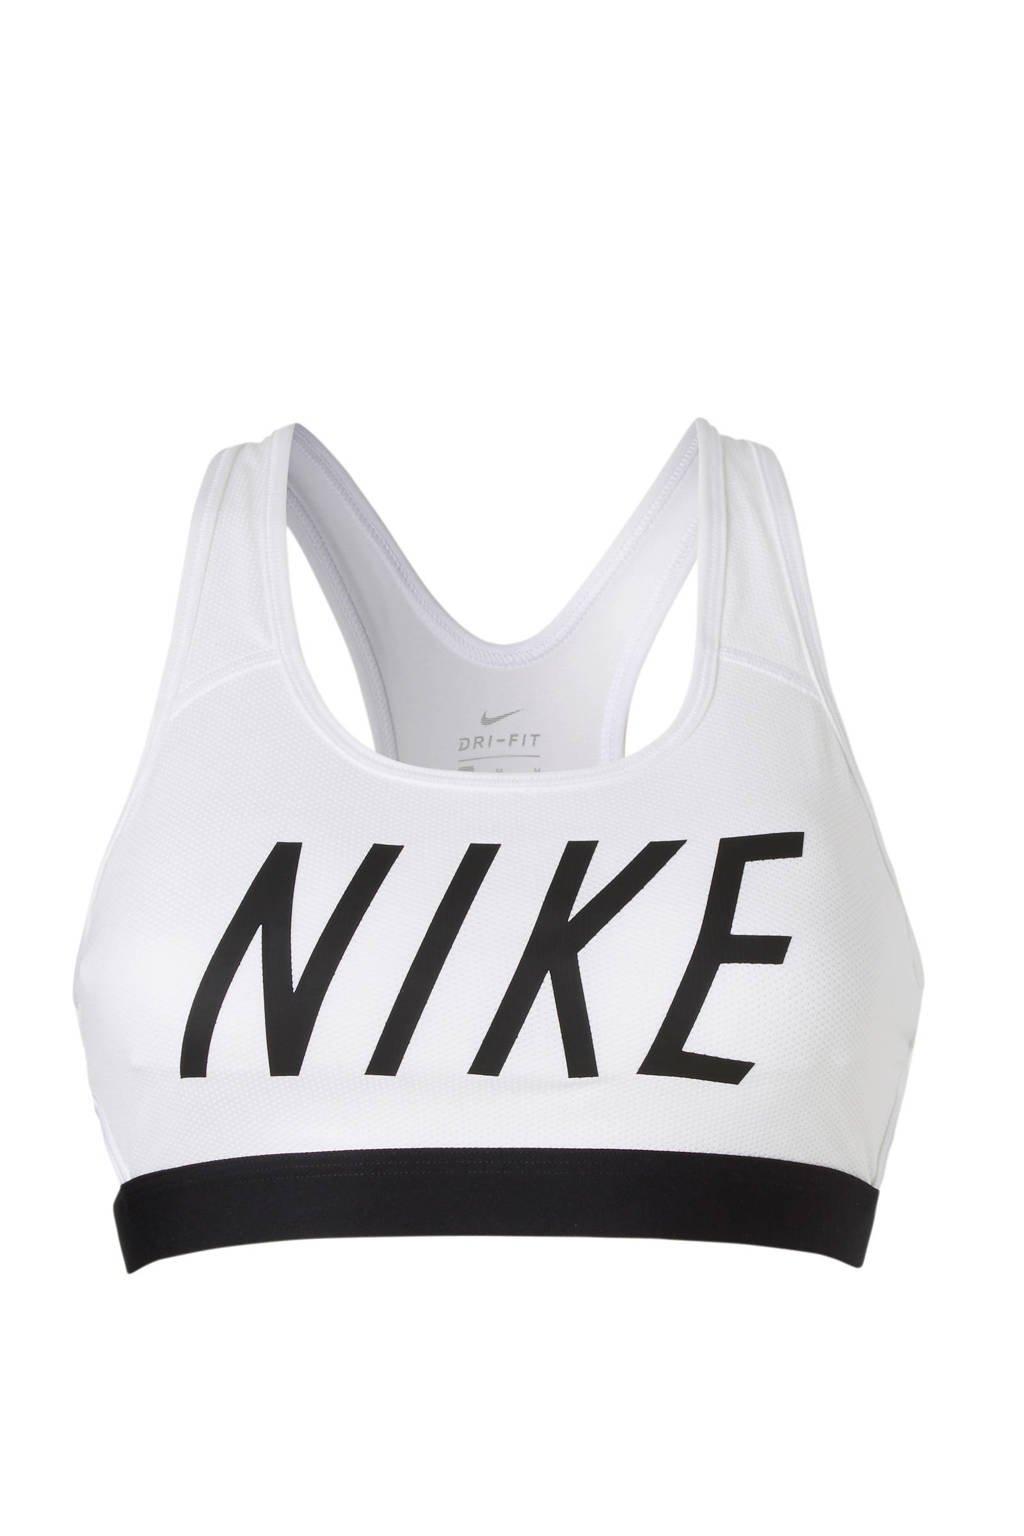 Nike Classic Logo Bra sportbh, Wit/zwart